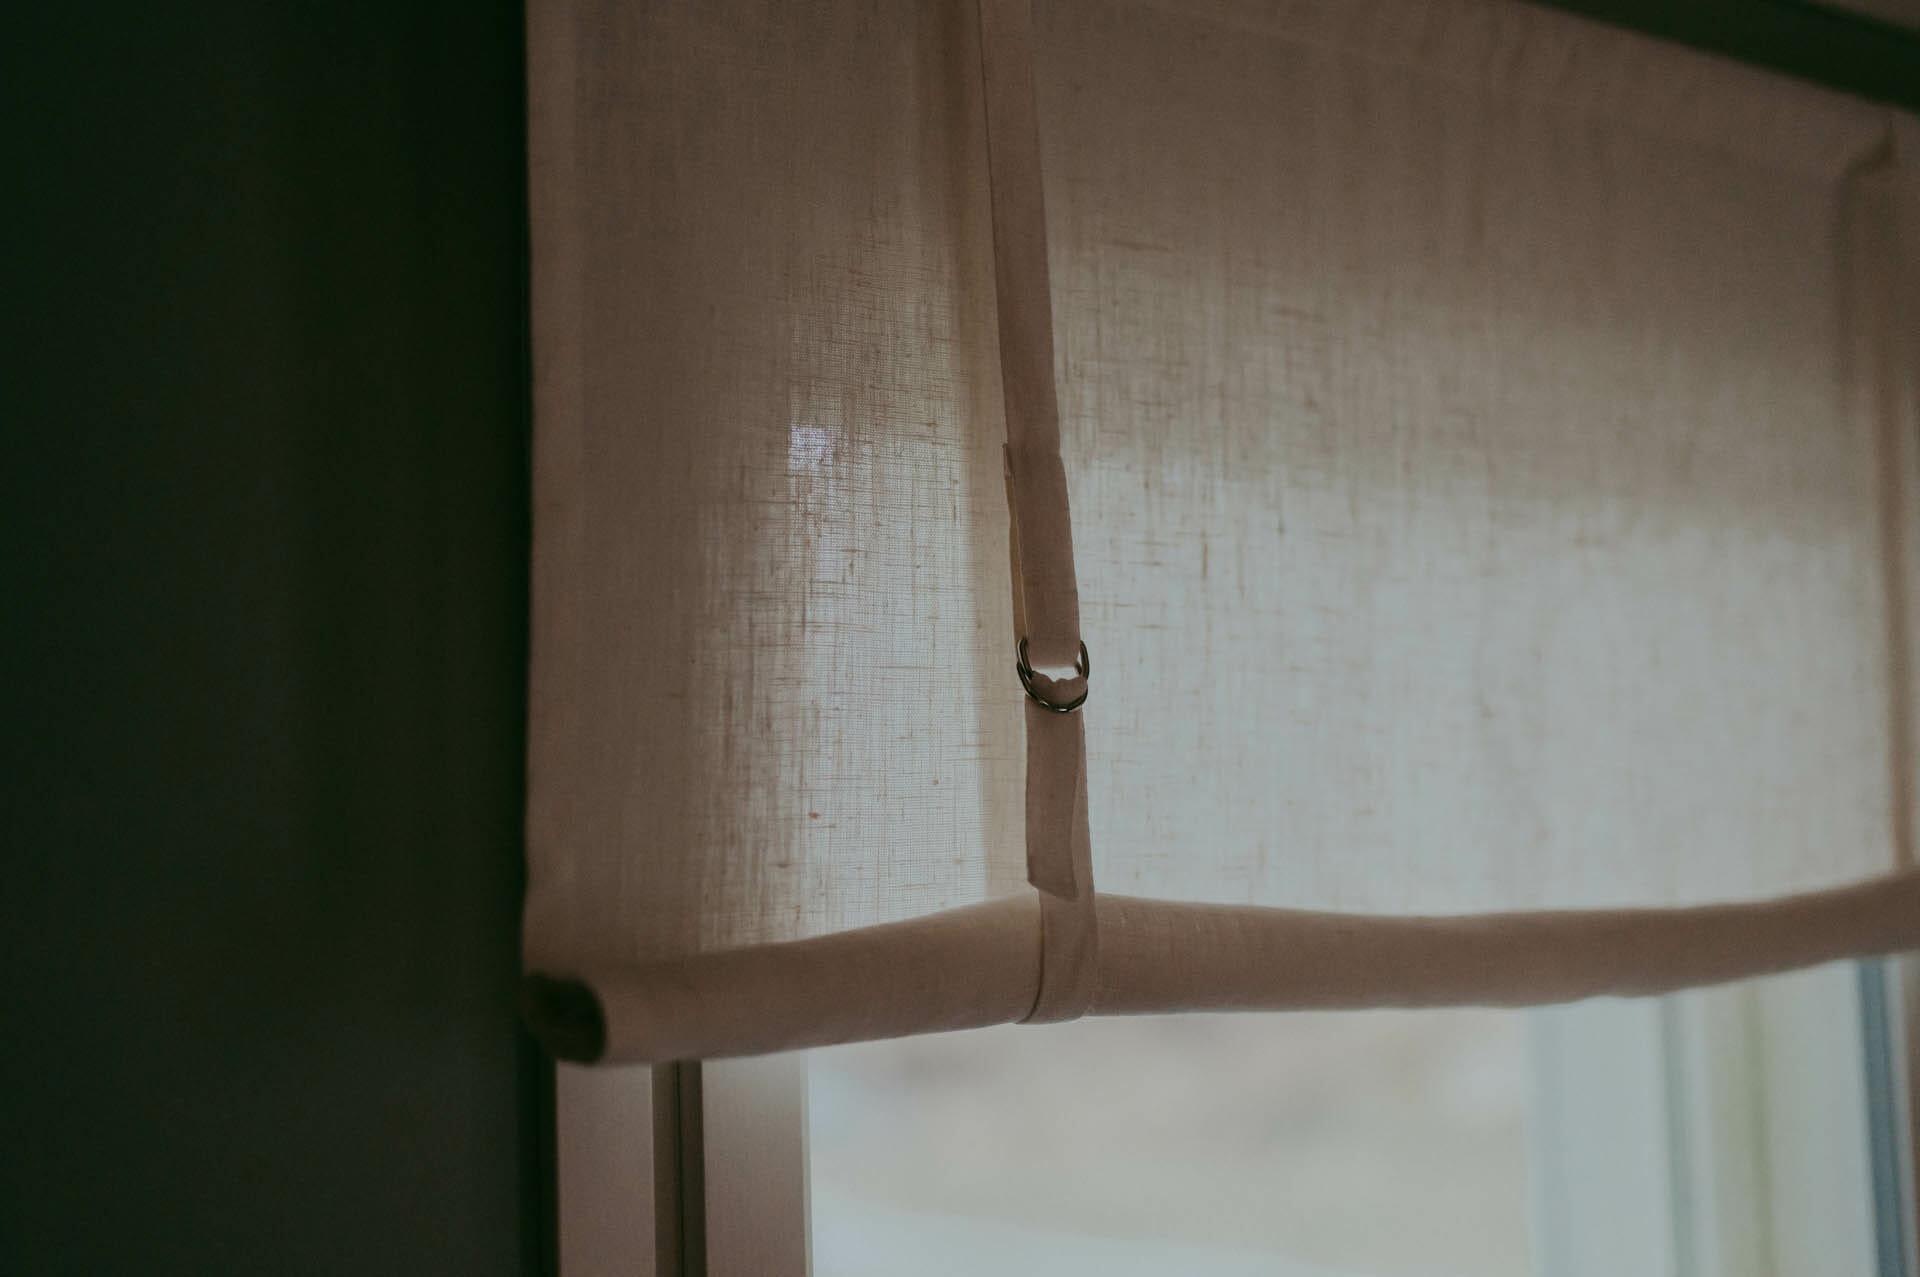 vit rullhissgardin i linne hänger i fönster.